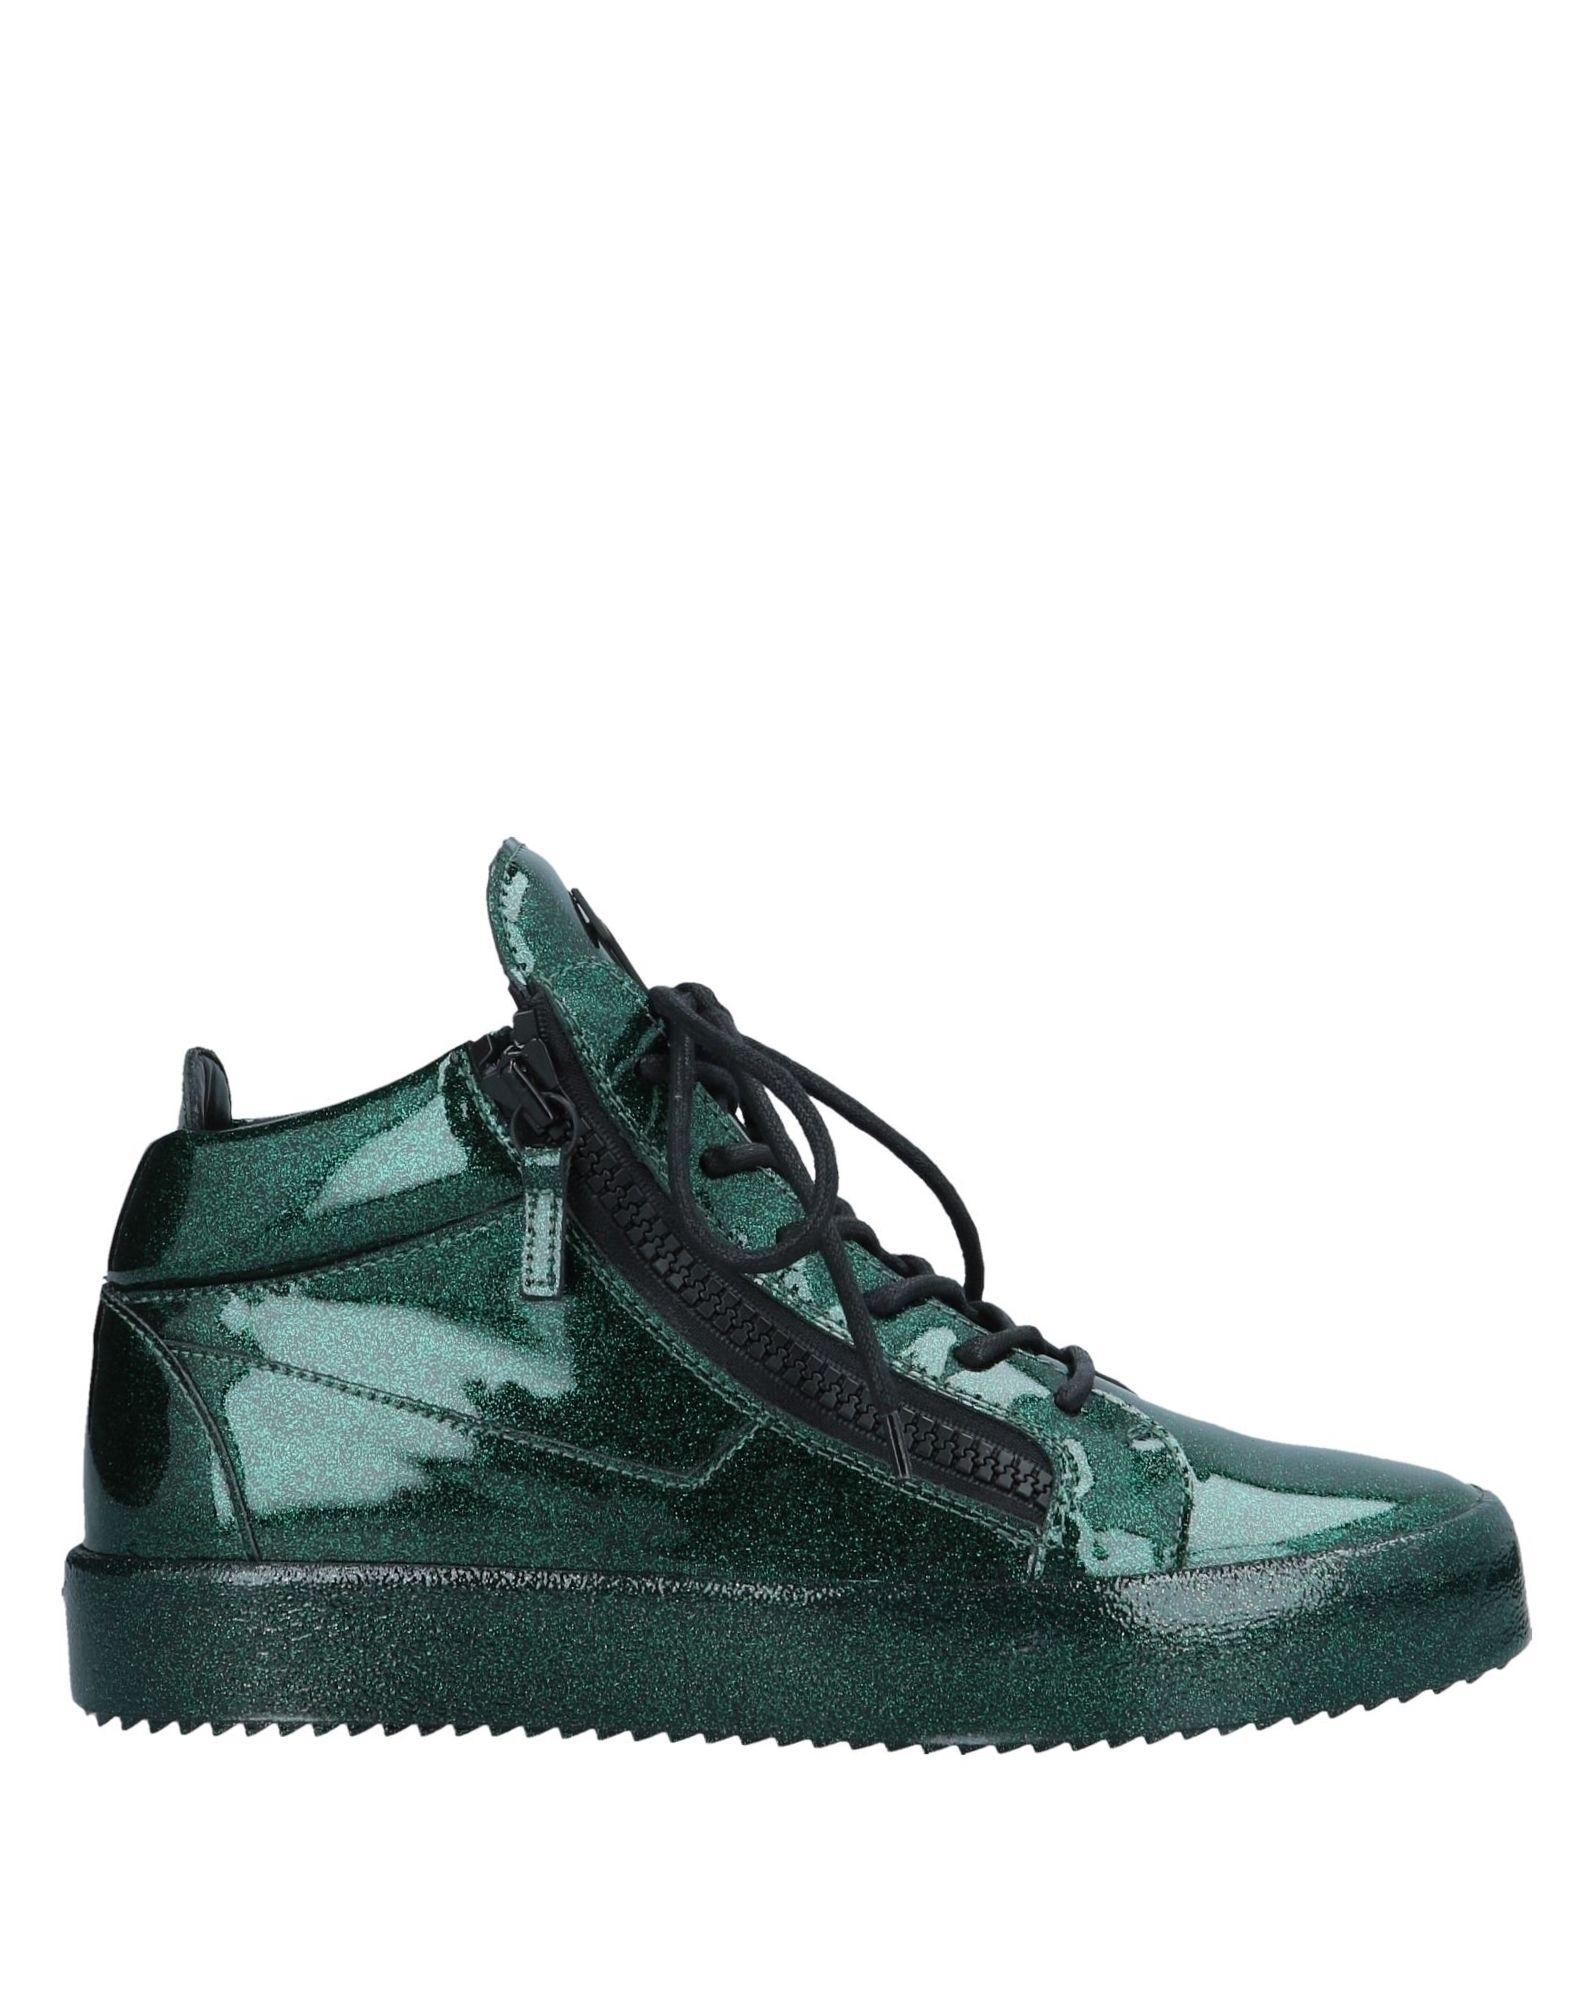 bcc6f45fe75 GIUSEPPE ZANOTTI ΠΑΠΟΥΤΣΙΑ Χαμηλά sneakers, Ανδρικά sneakers, ΑΝΔΡΑΣ ...